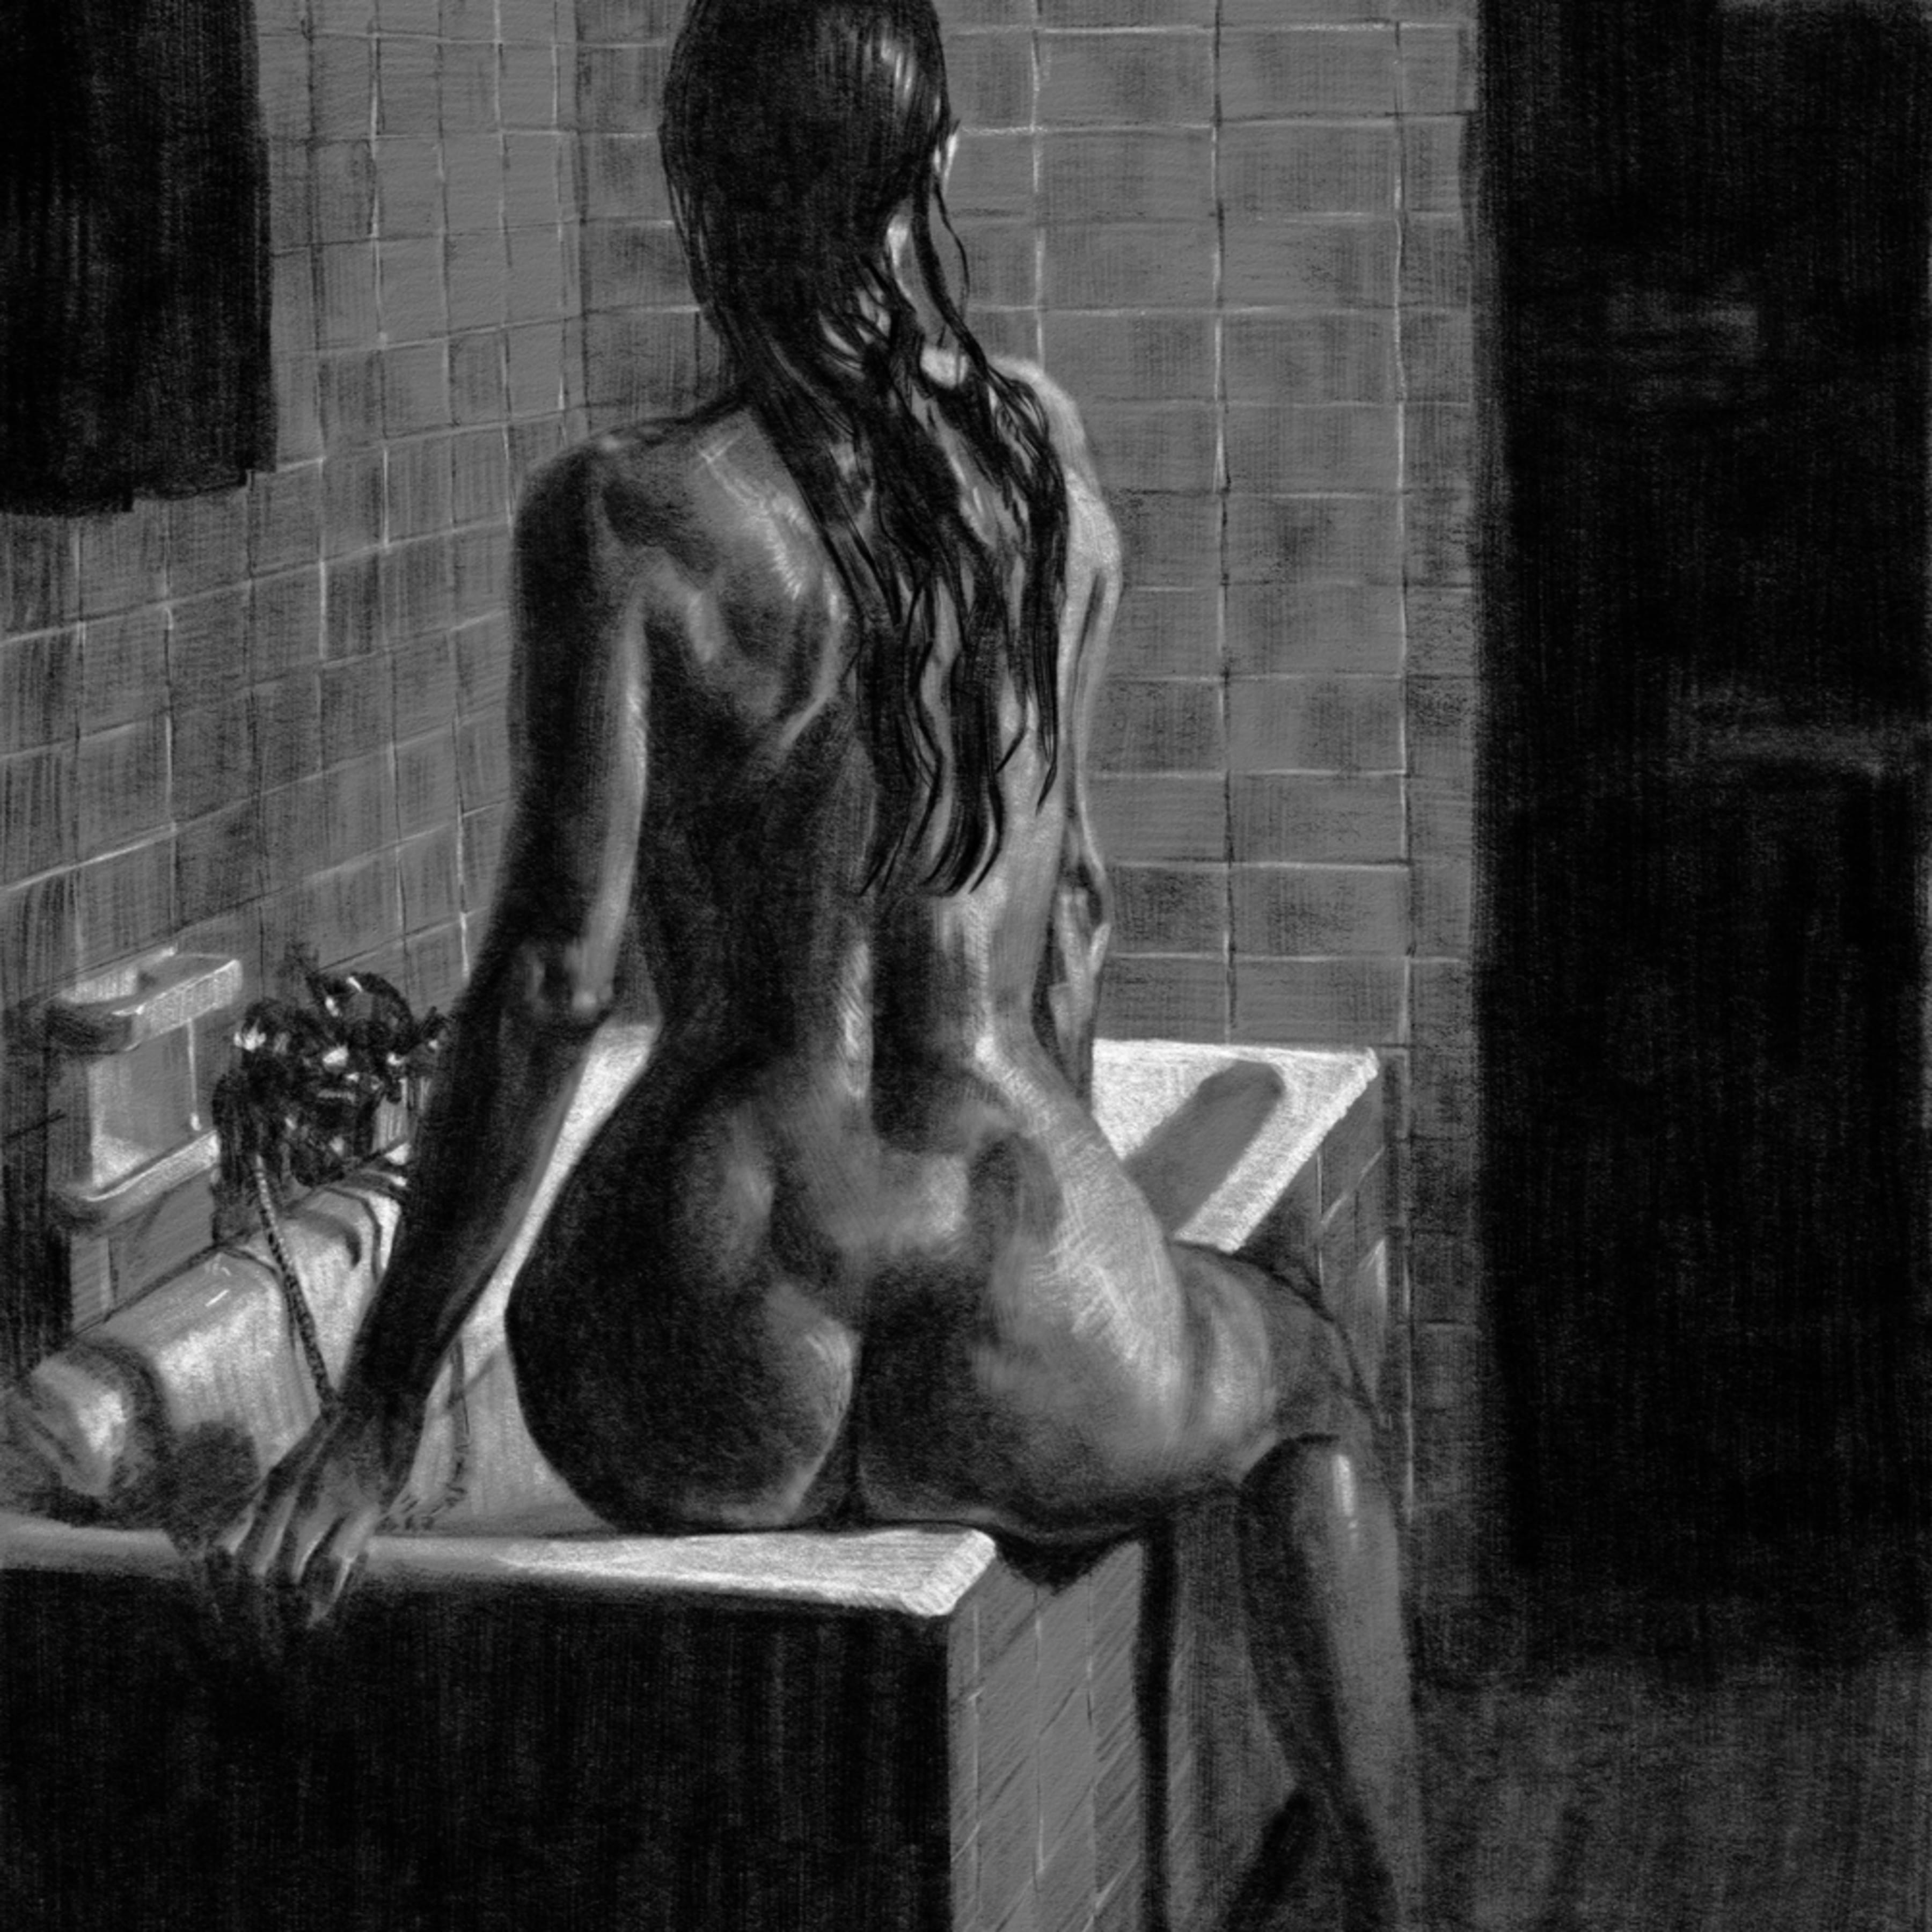 Bather and tub iwqxqw